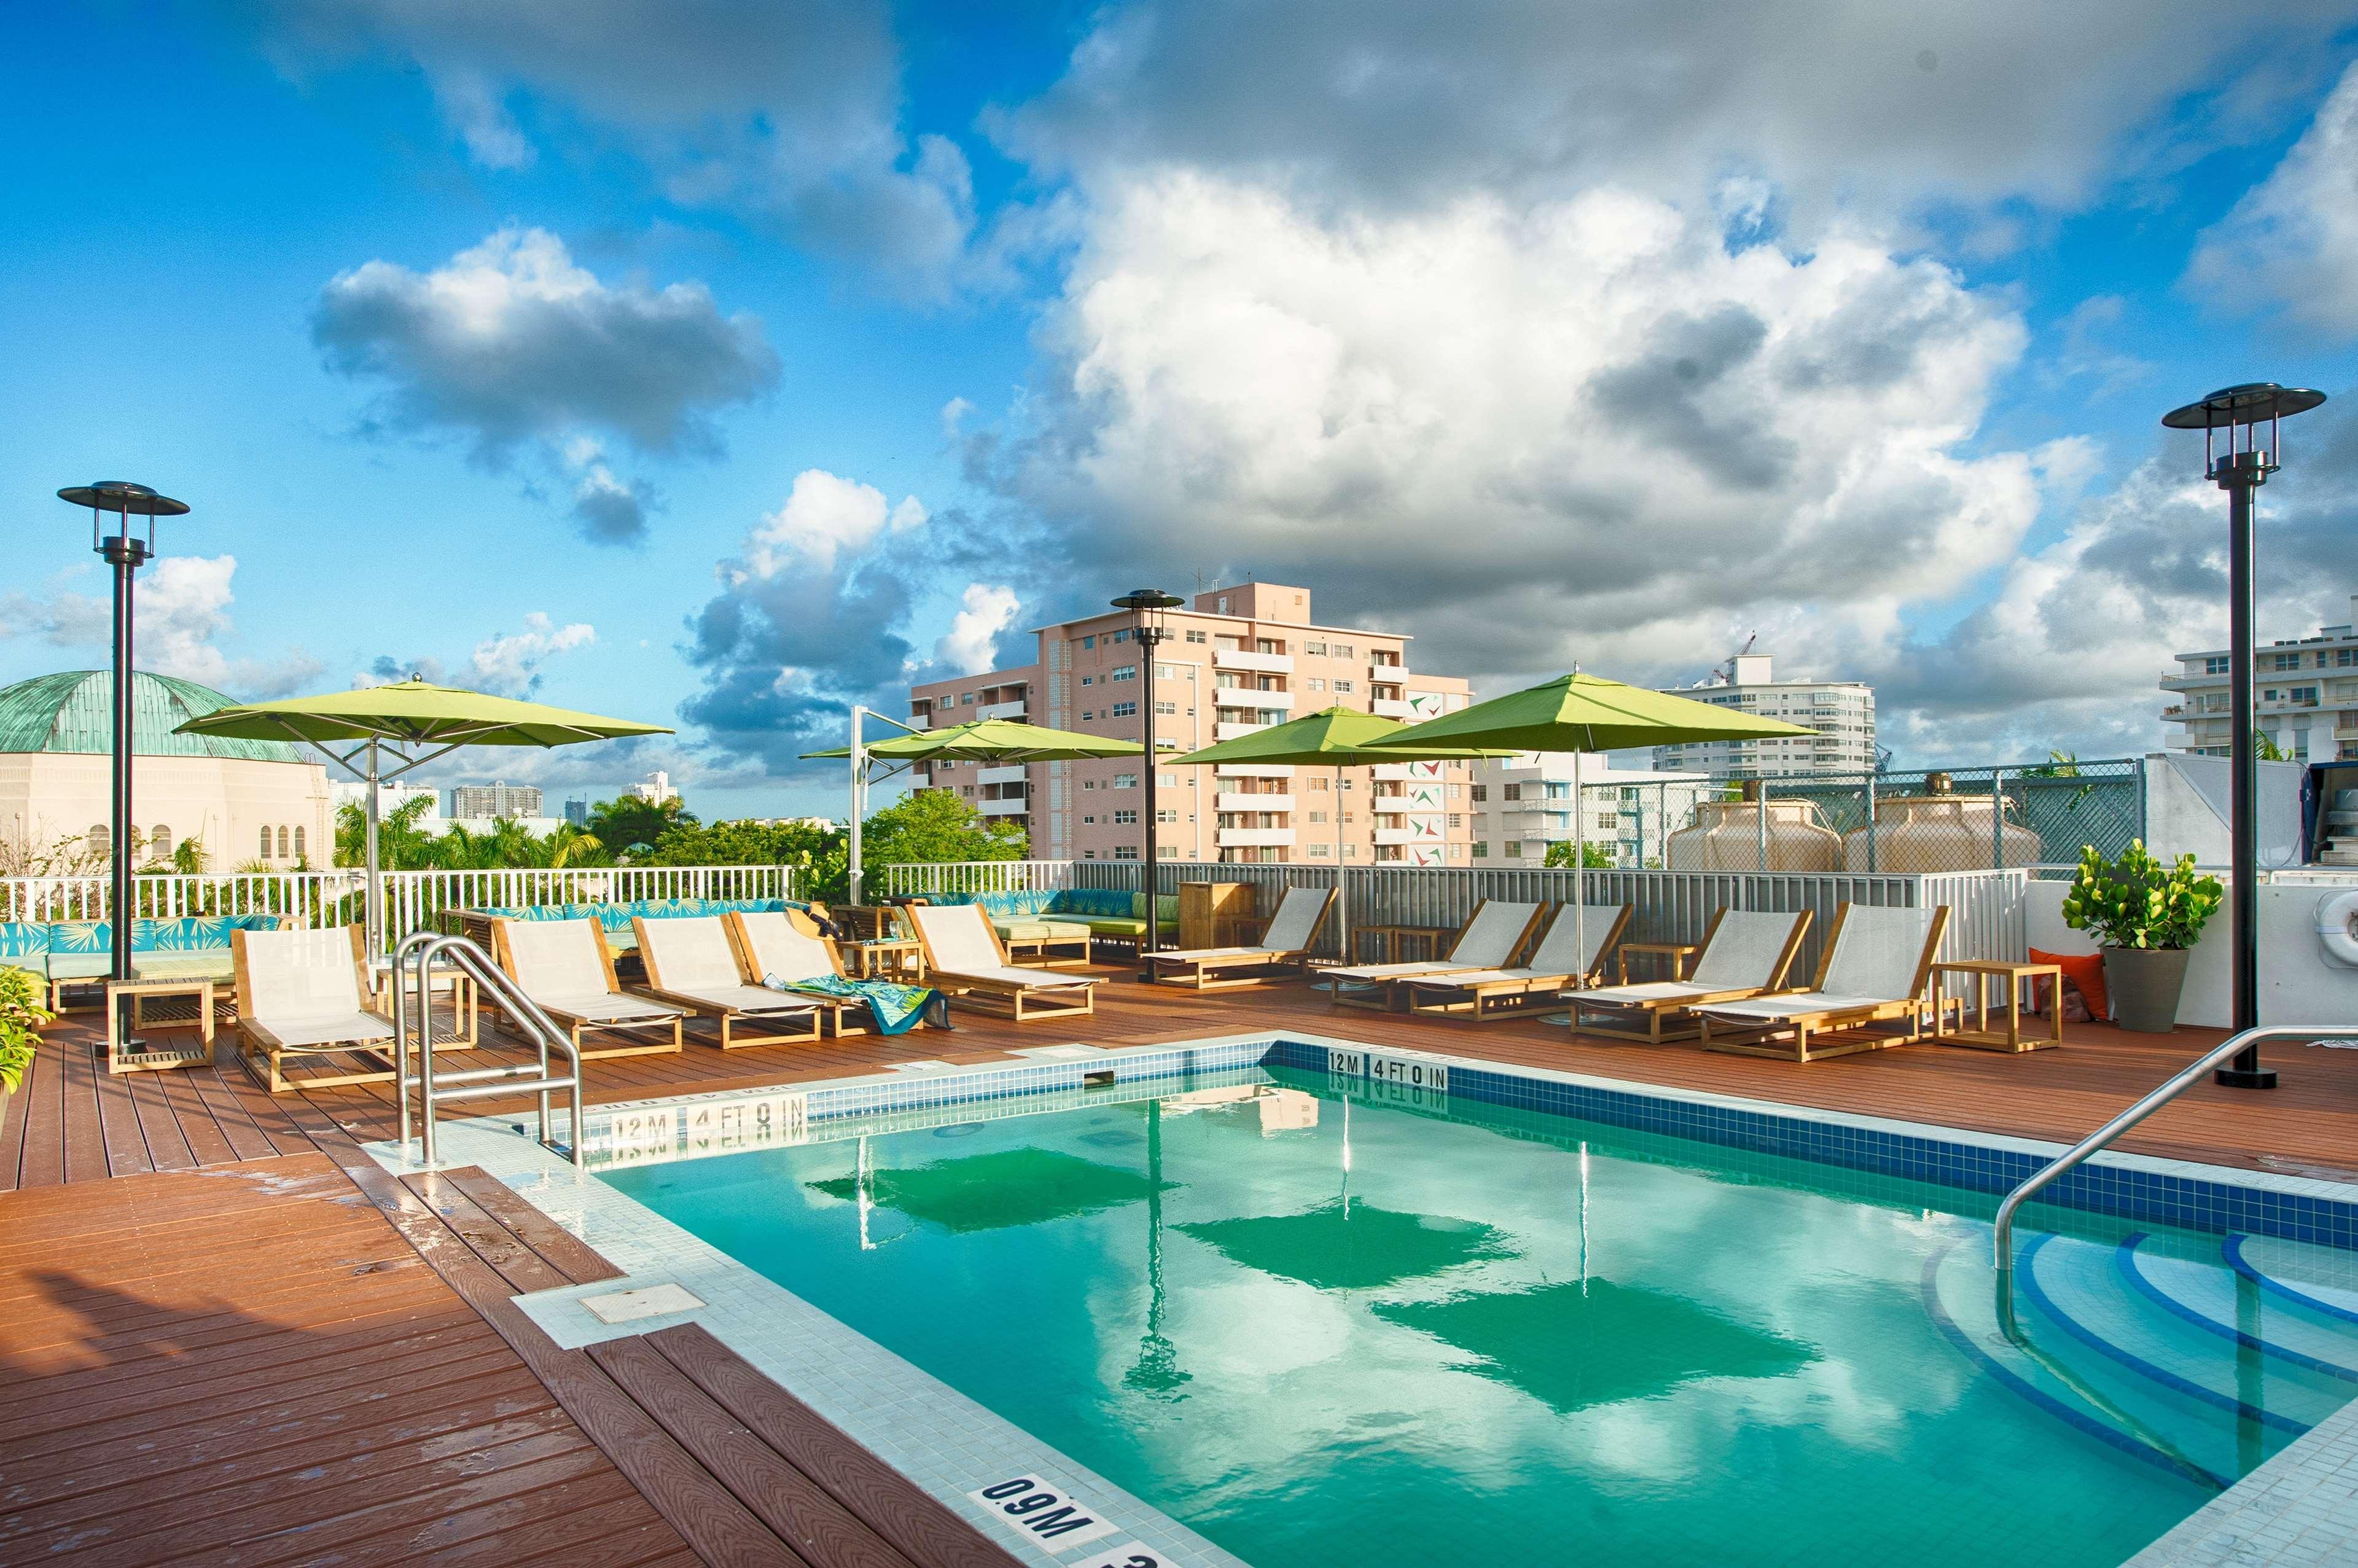 Hampton Inn Miami South Beach - 17th Street image 15